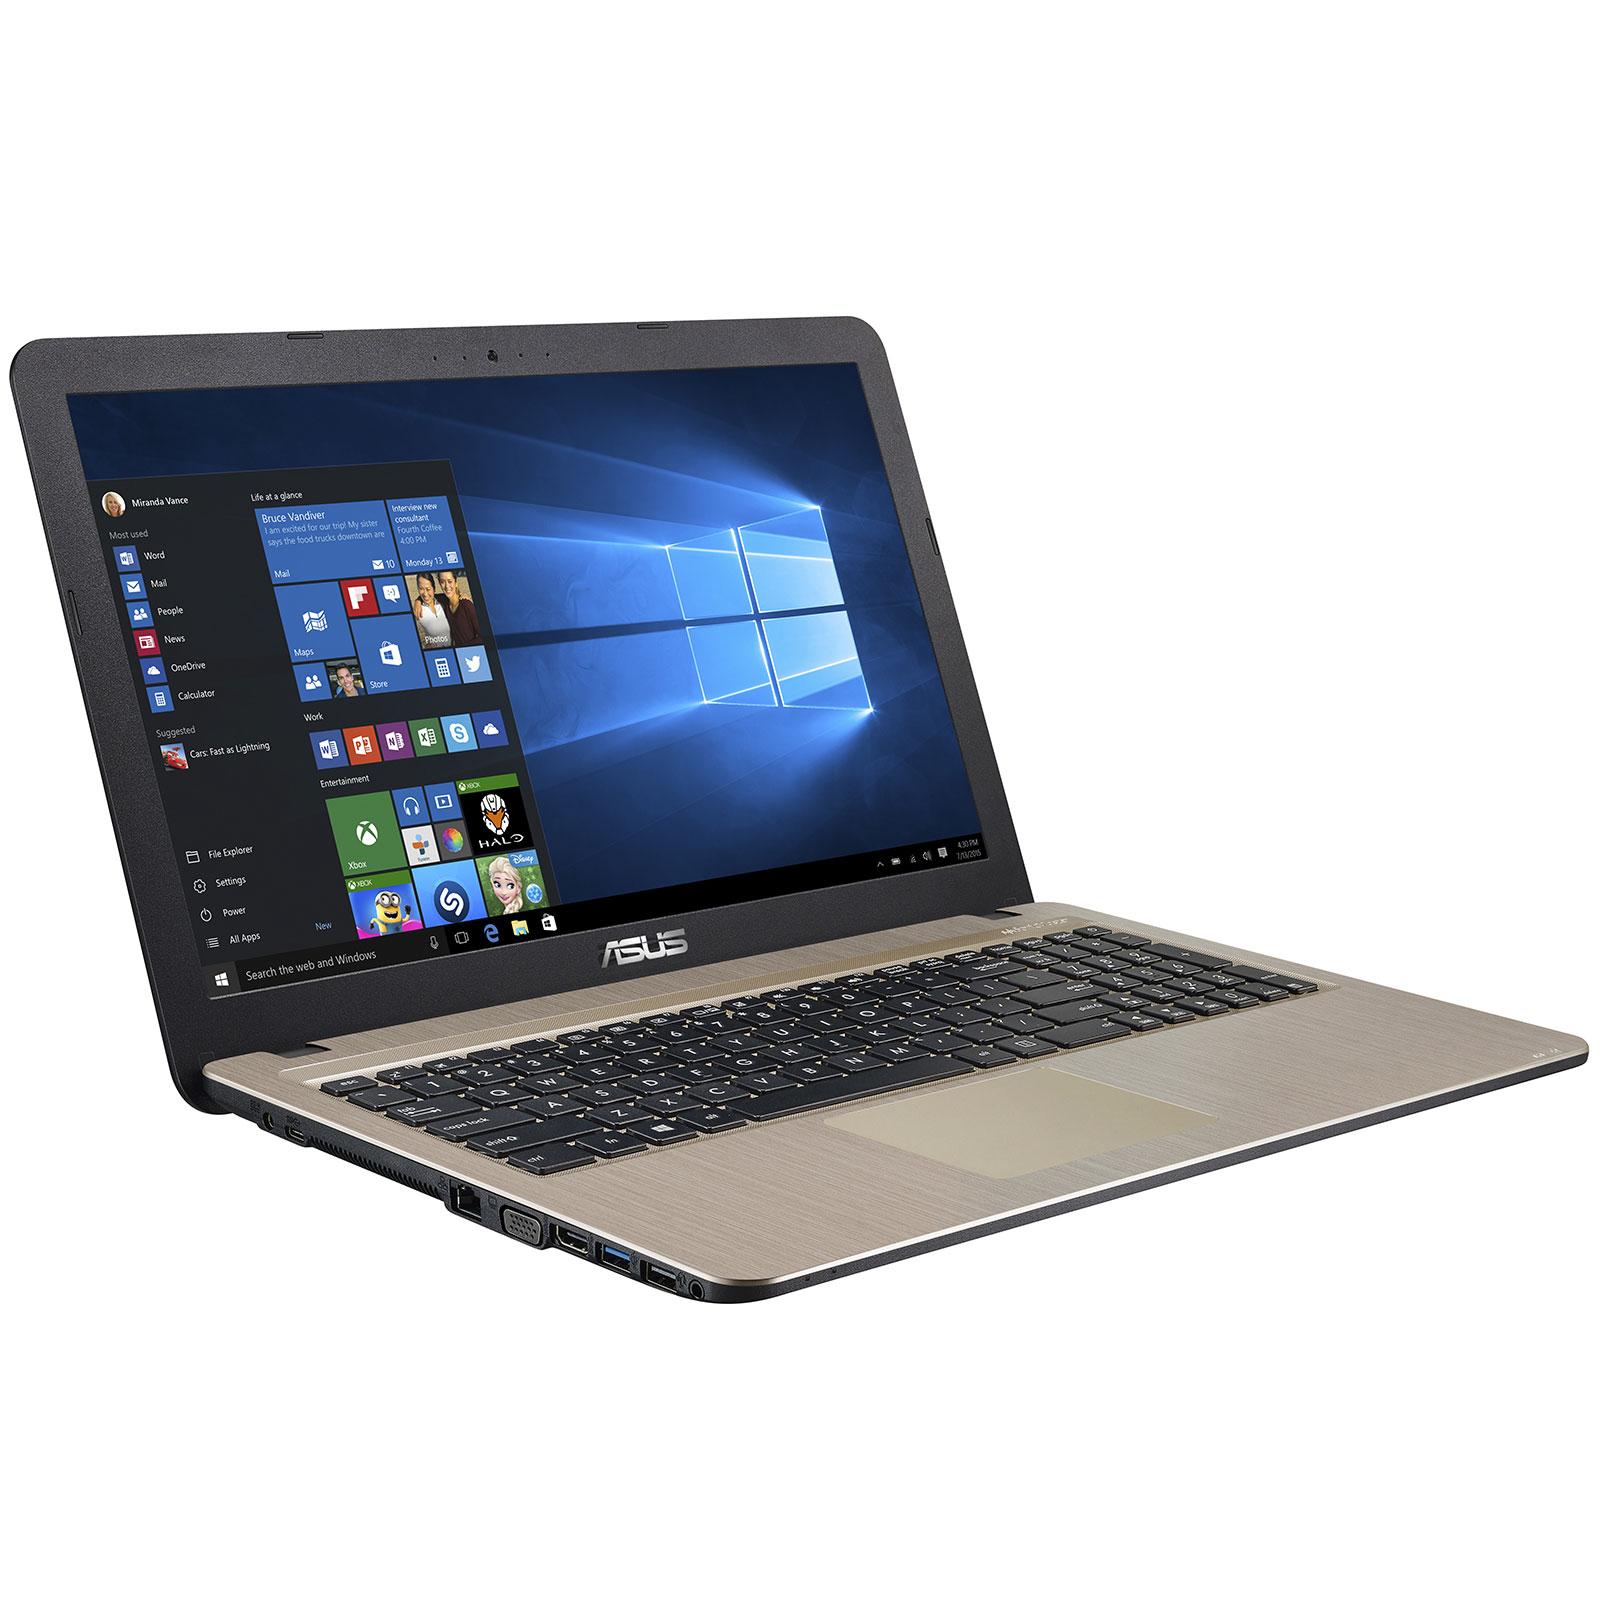 """PC portable ASUS R540LA-XX342T Intel Core i3-5005U 4 Go 1 To 15.6"""" LED HD Graveur DVD Wi-Fi N/Bluetooth Webcam Windows 10 Famille 64 bits (garantie constructeur 2 ans)"""